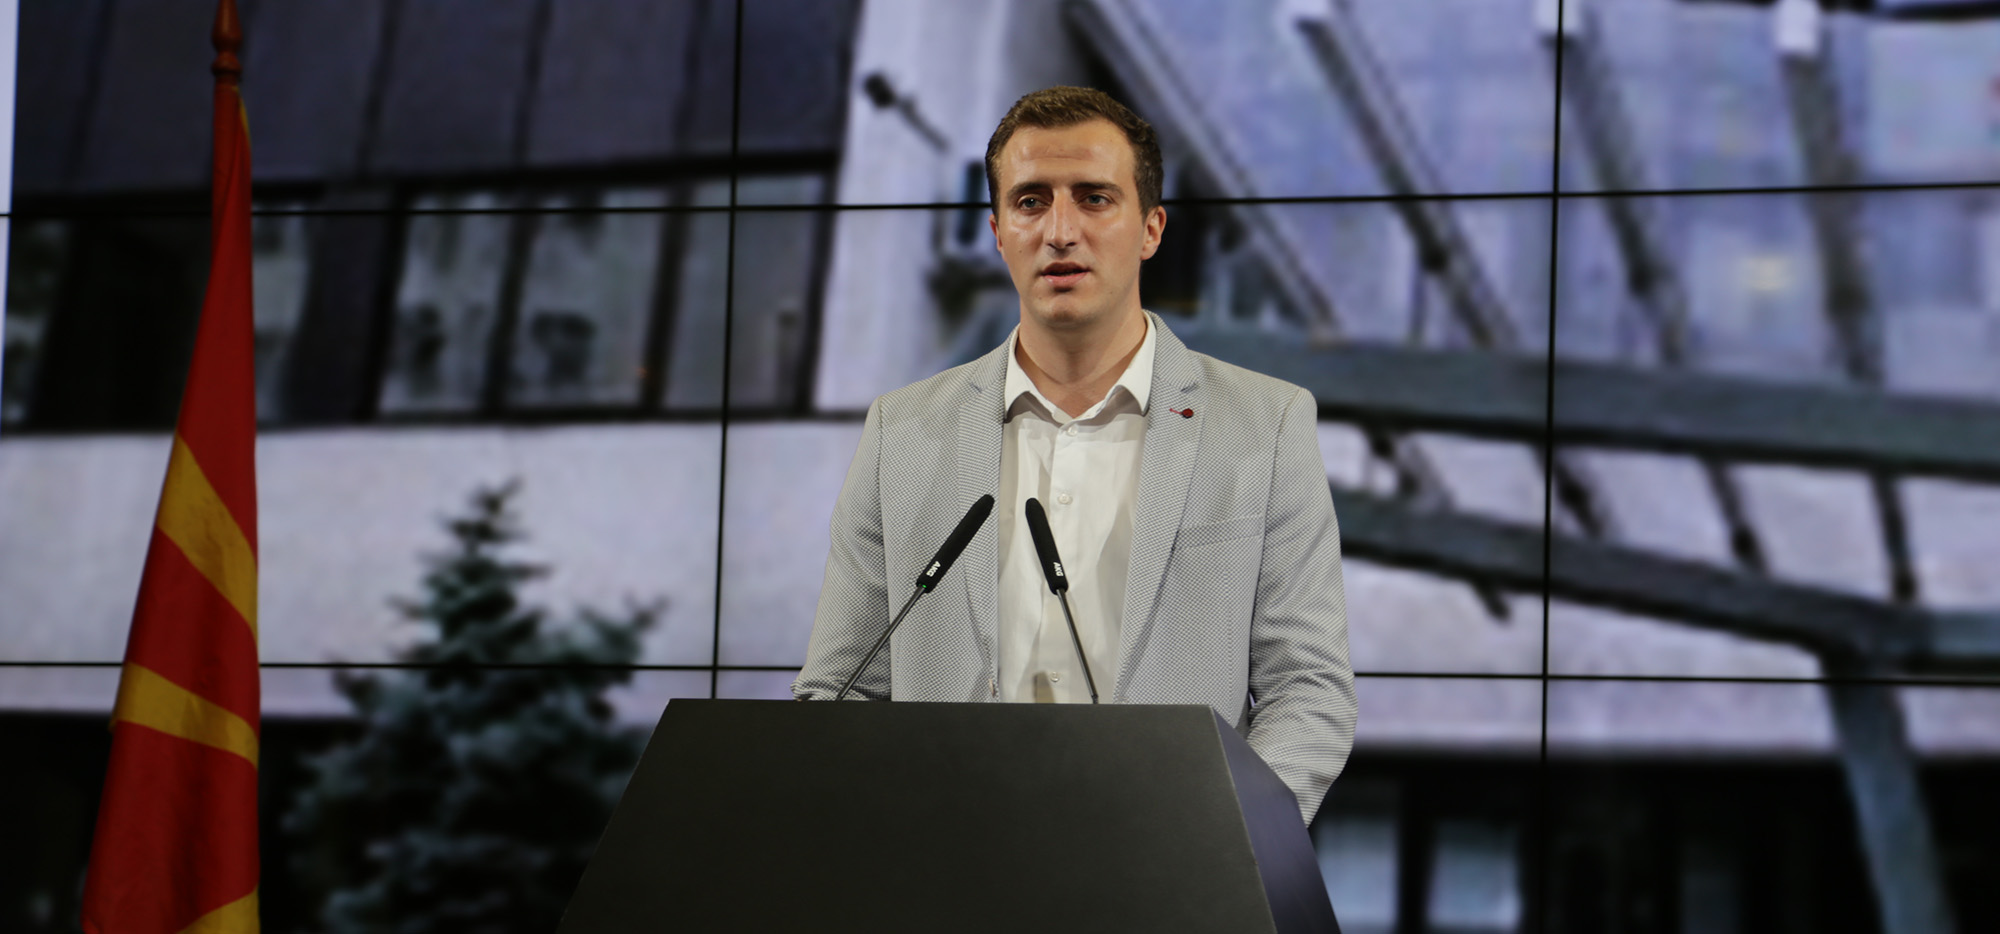 ВМРО ДПМНЕ  Спасовски без никакви аргументи почна со партиски чистки и вработување на партиски послушници